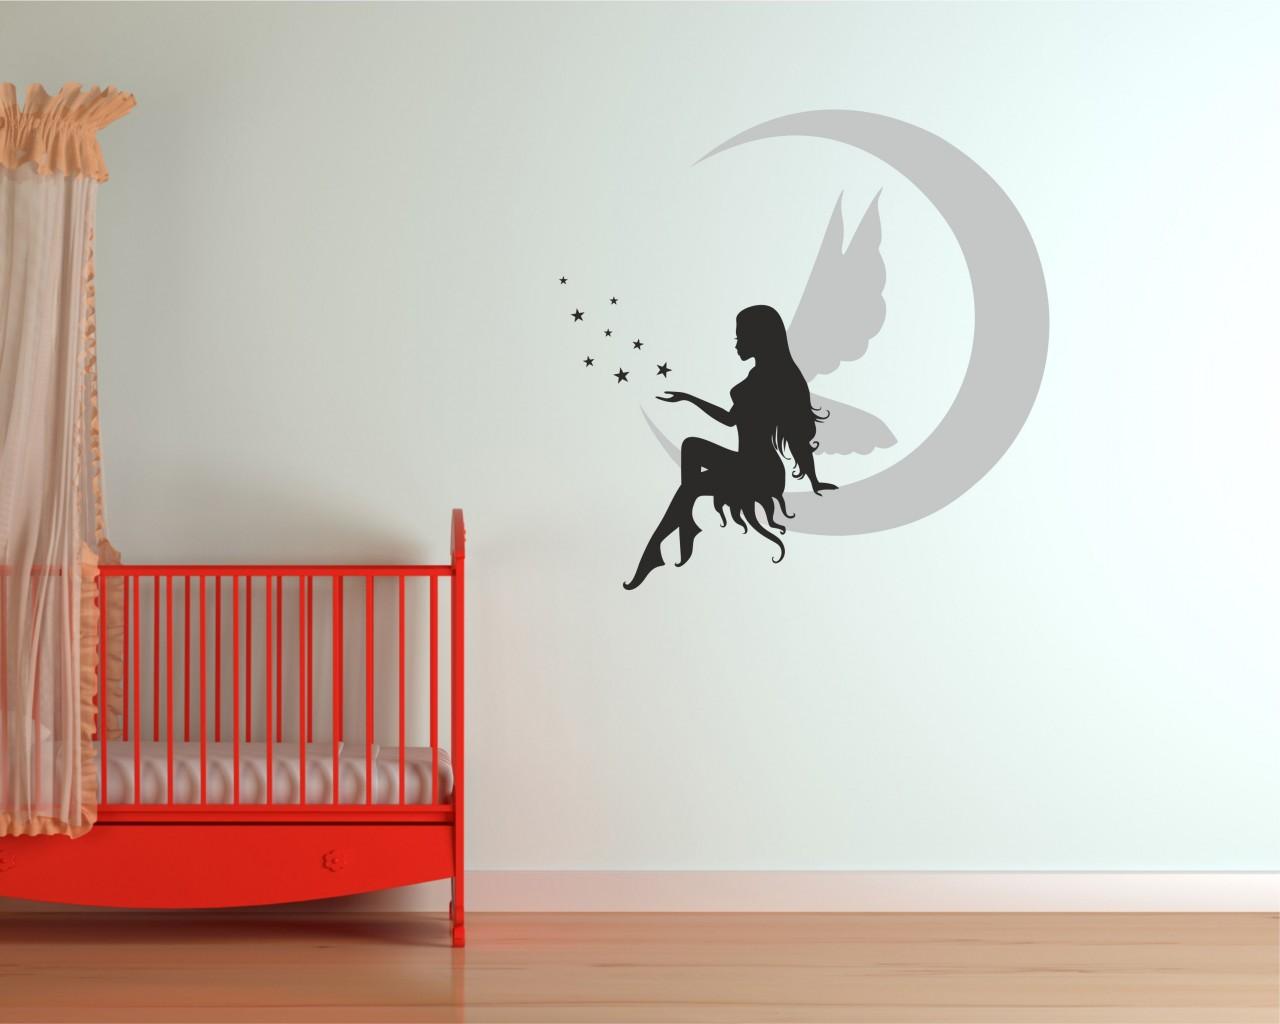 Disegni da parete per camerette decorare pareti cameretta for Disegni da parete